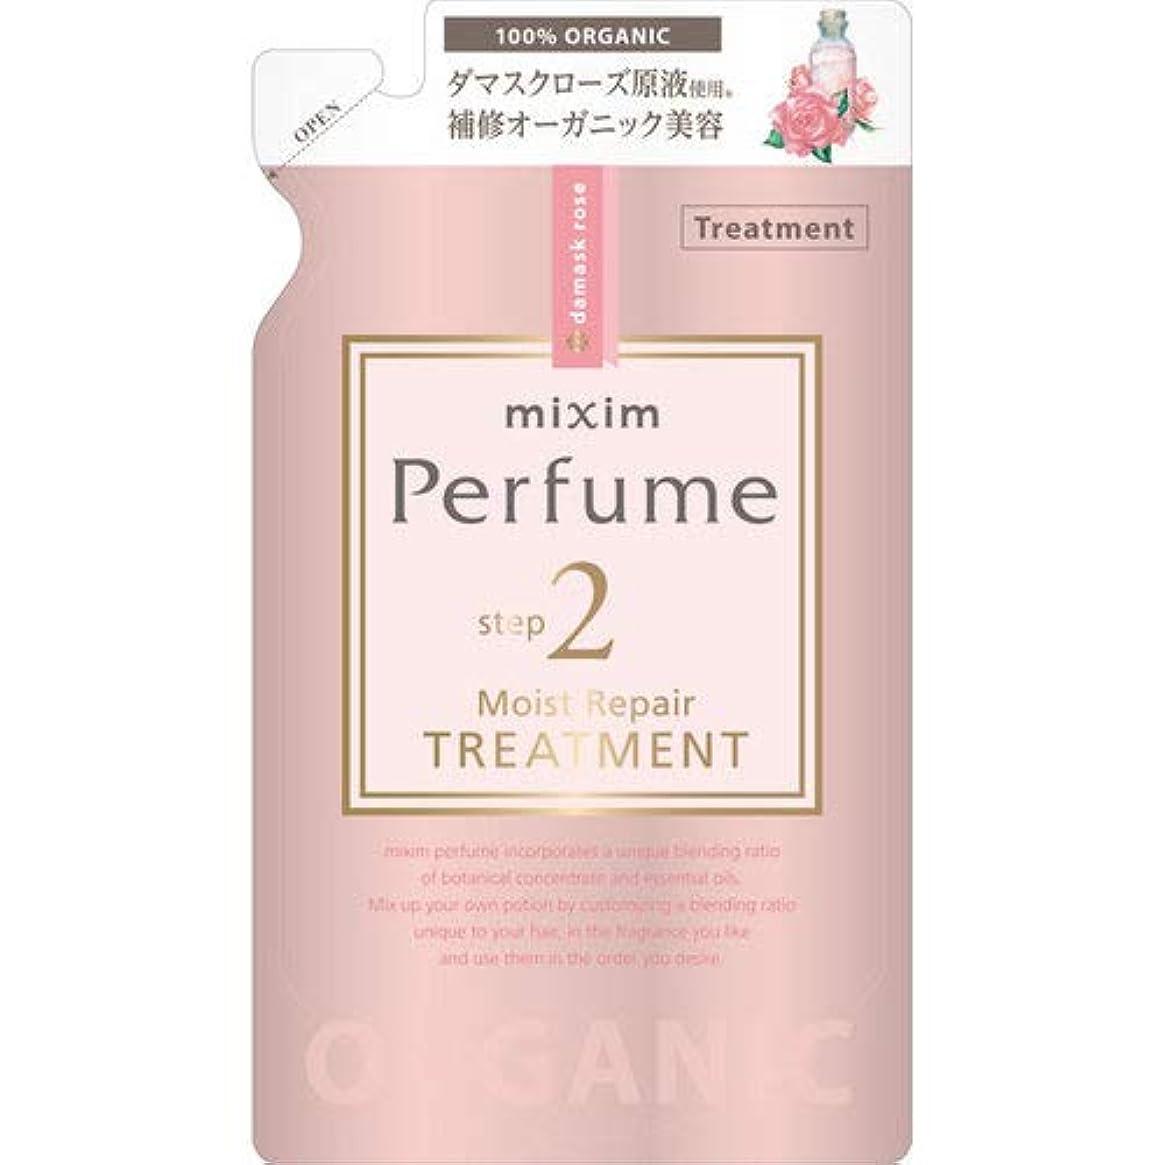 電球有望ウサギmixim Perfume(ミクシムパフューム) モイストリペア ヘアトリートメントつめかえ用 350g